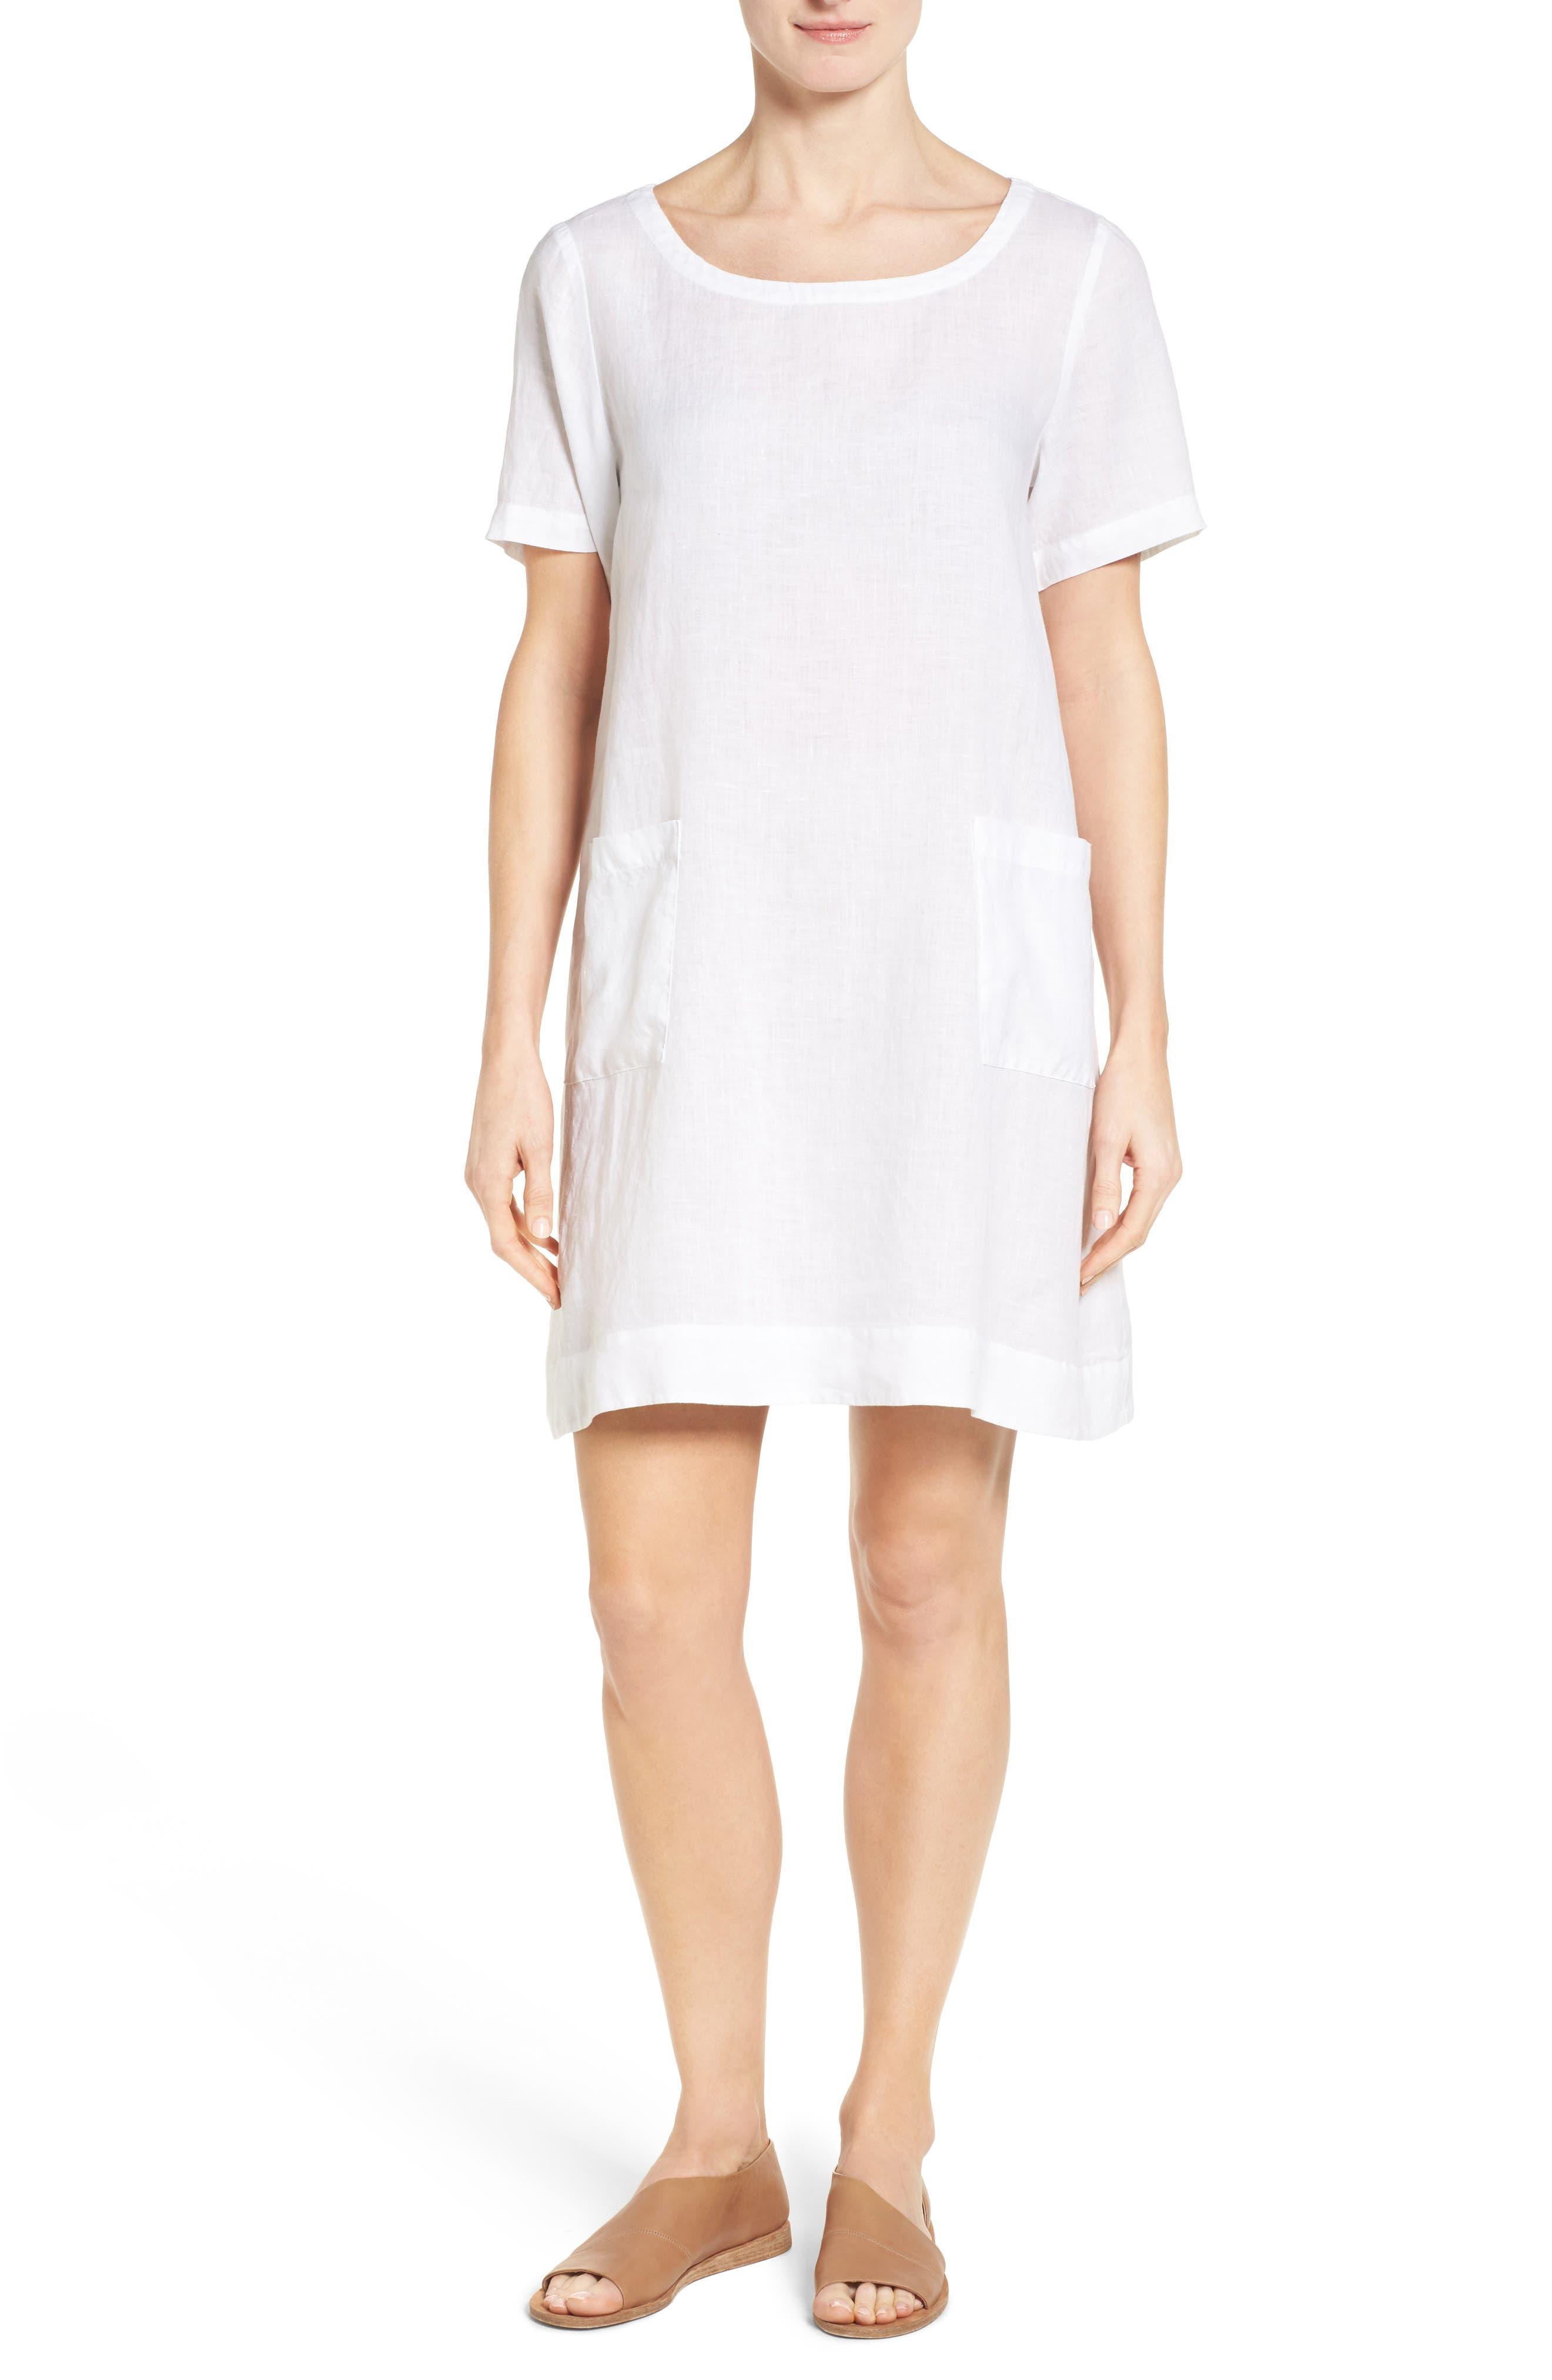 Eileen Fisher Organic Linen A-Line Dress